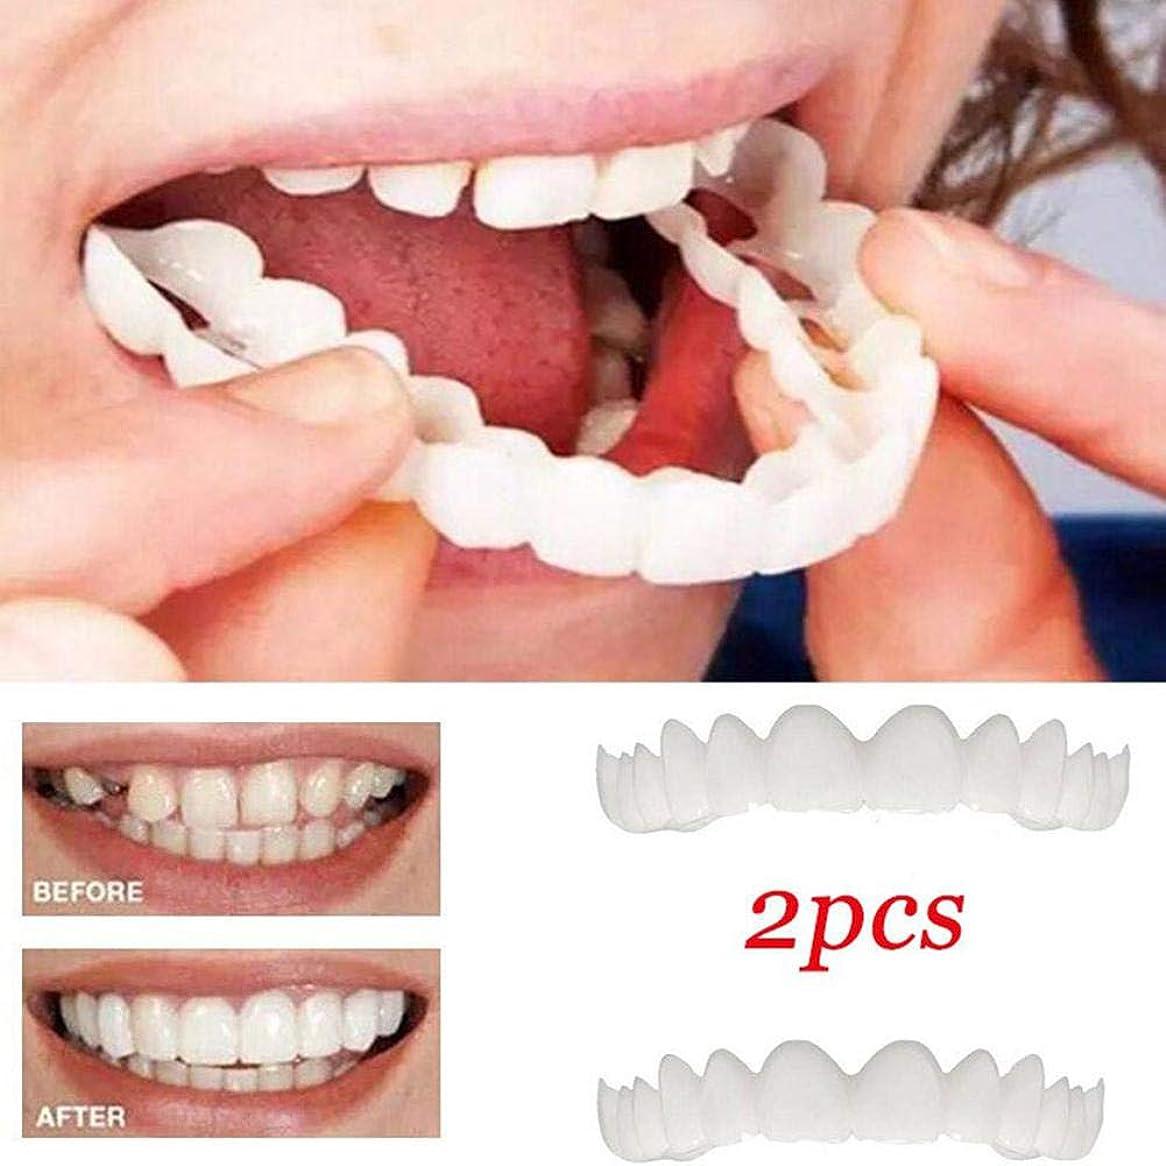 構成恐れる二次上歯の化粧板の2枚、フレックス化粧品の歯に適した化粧品の歯科快適性、最も快適な義歯のケア,2upperteeth